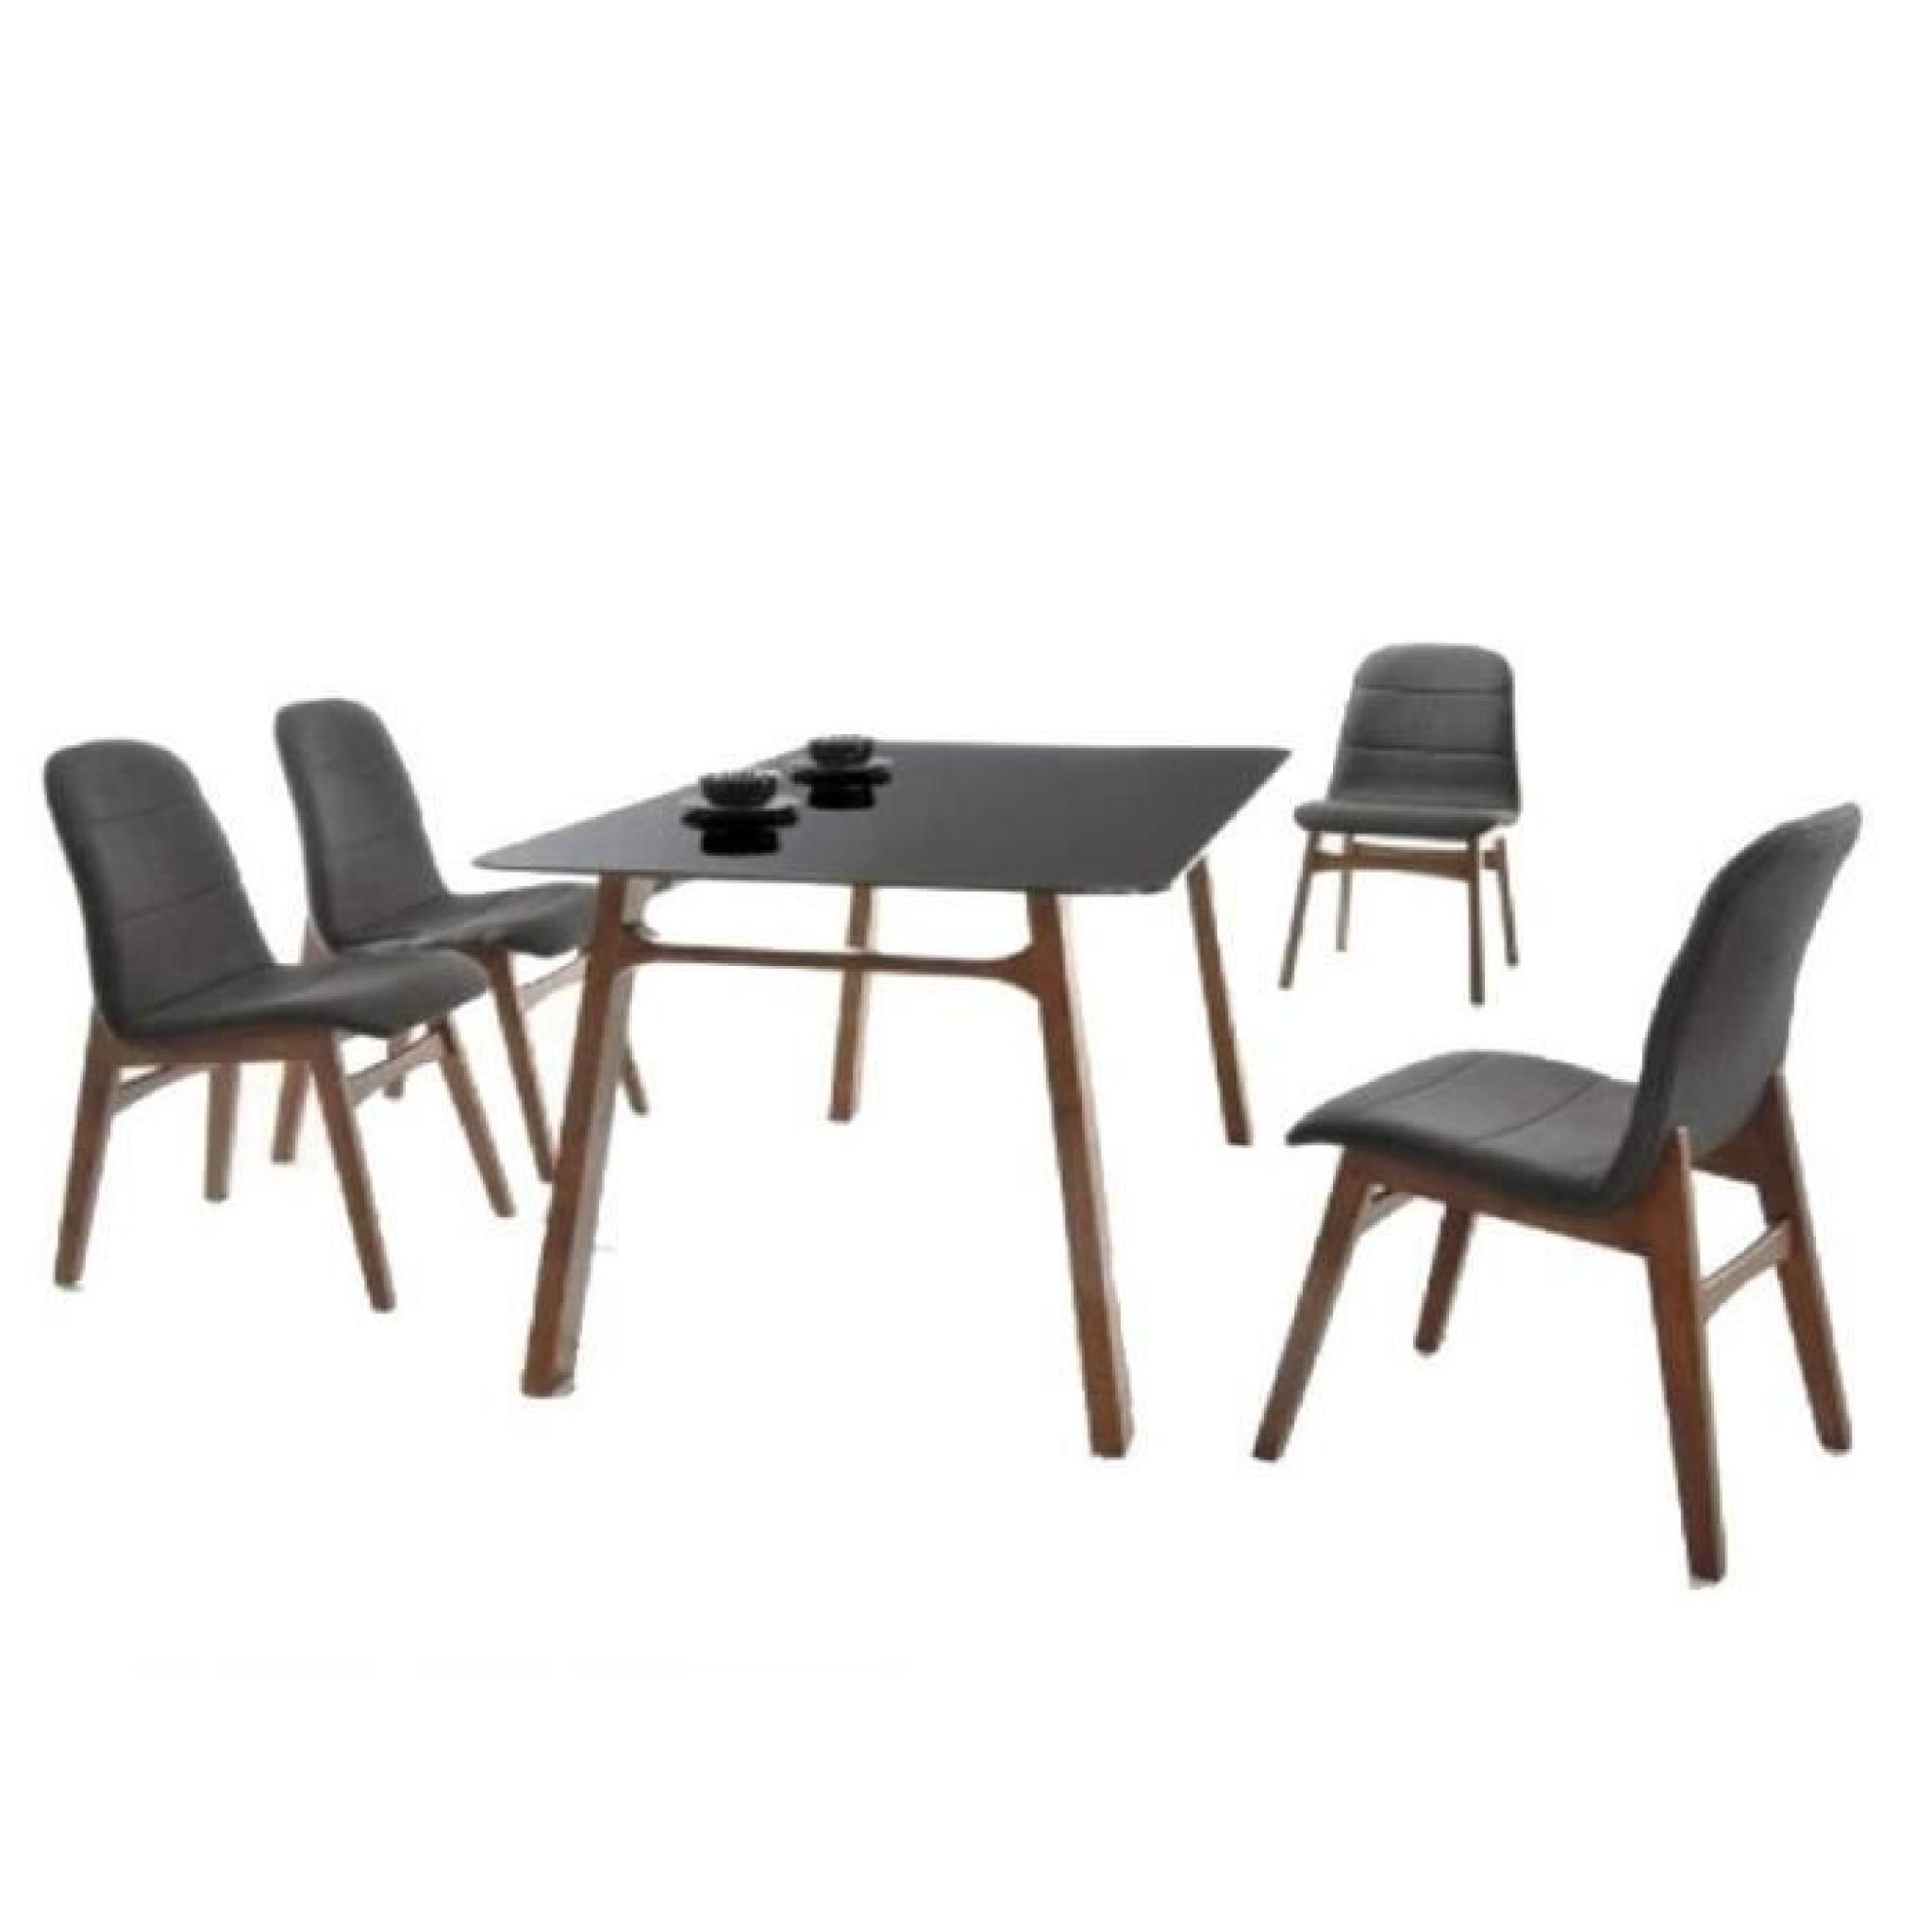 table de repas jenja noir paris prix achat vente table salle a manger pas cher couleur. Black Bedroom Furniture Sets. Home Design Ideas